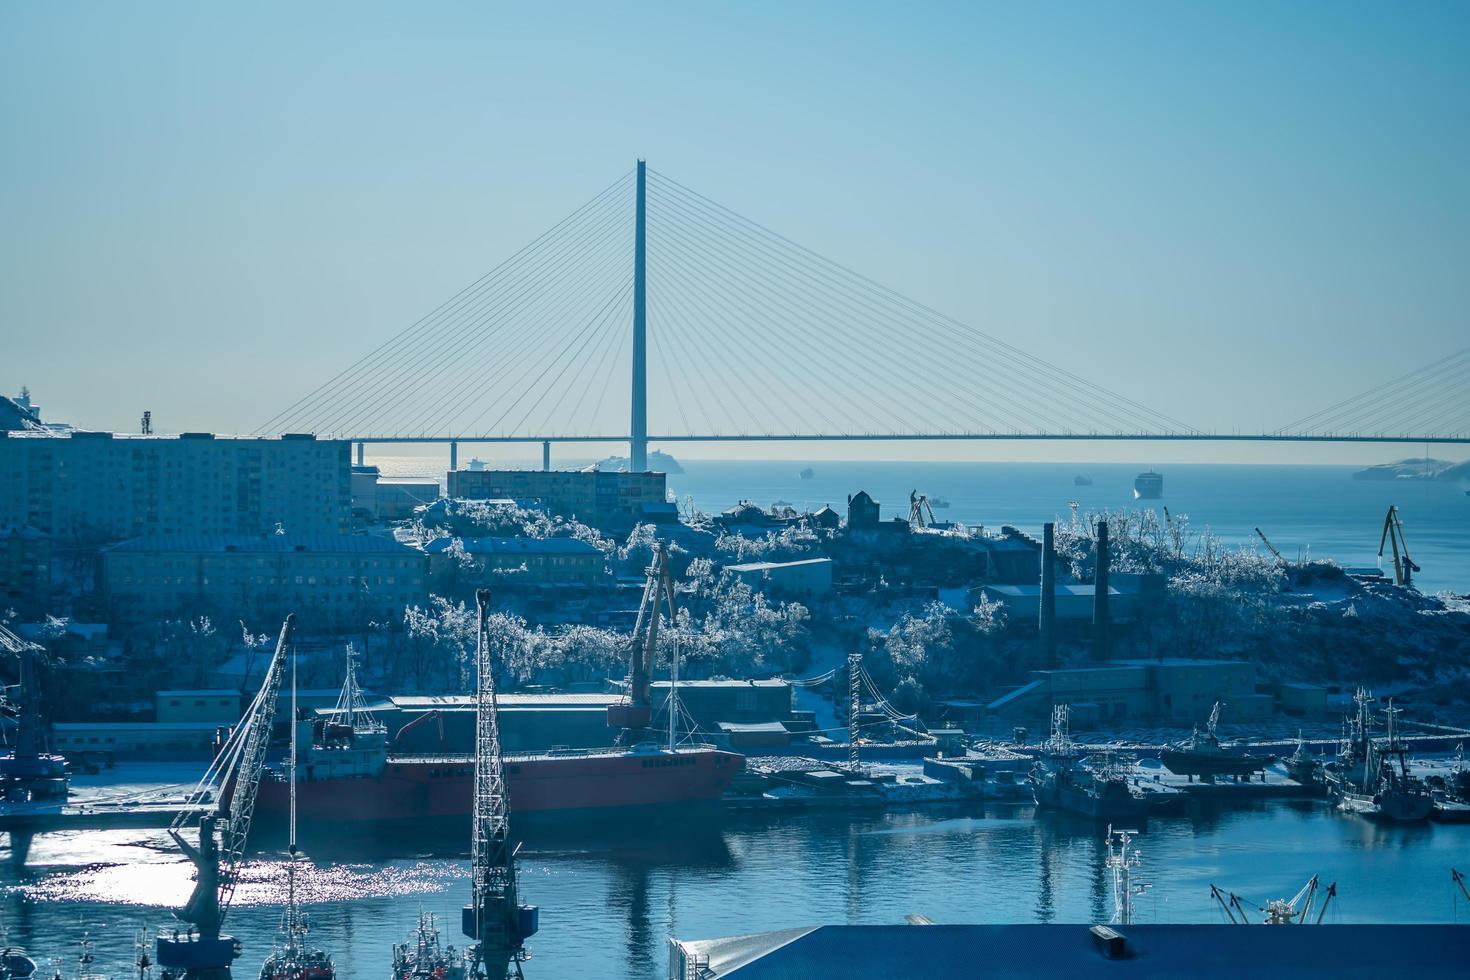 zeegezicht met uitzicht op een haven en de russky brug tegen een heldere blauwe hemel in Vladivostok, Rusland foto